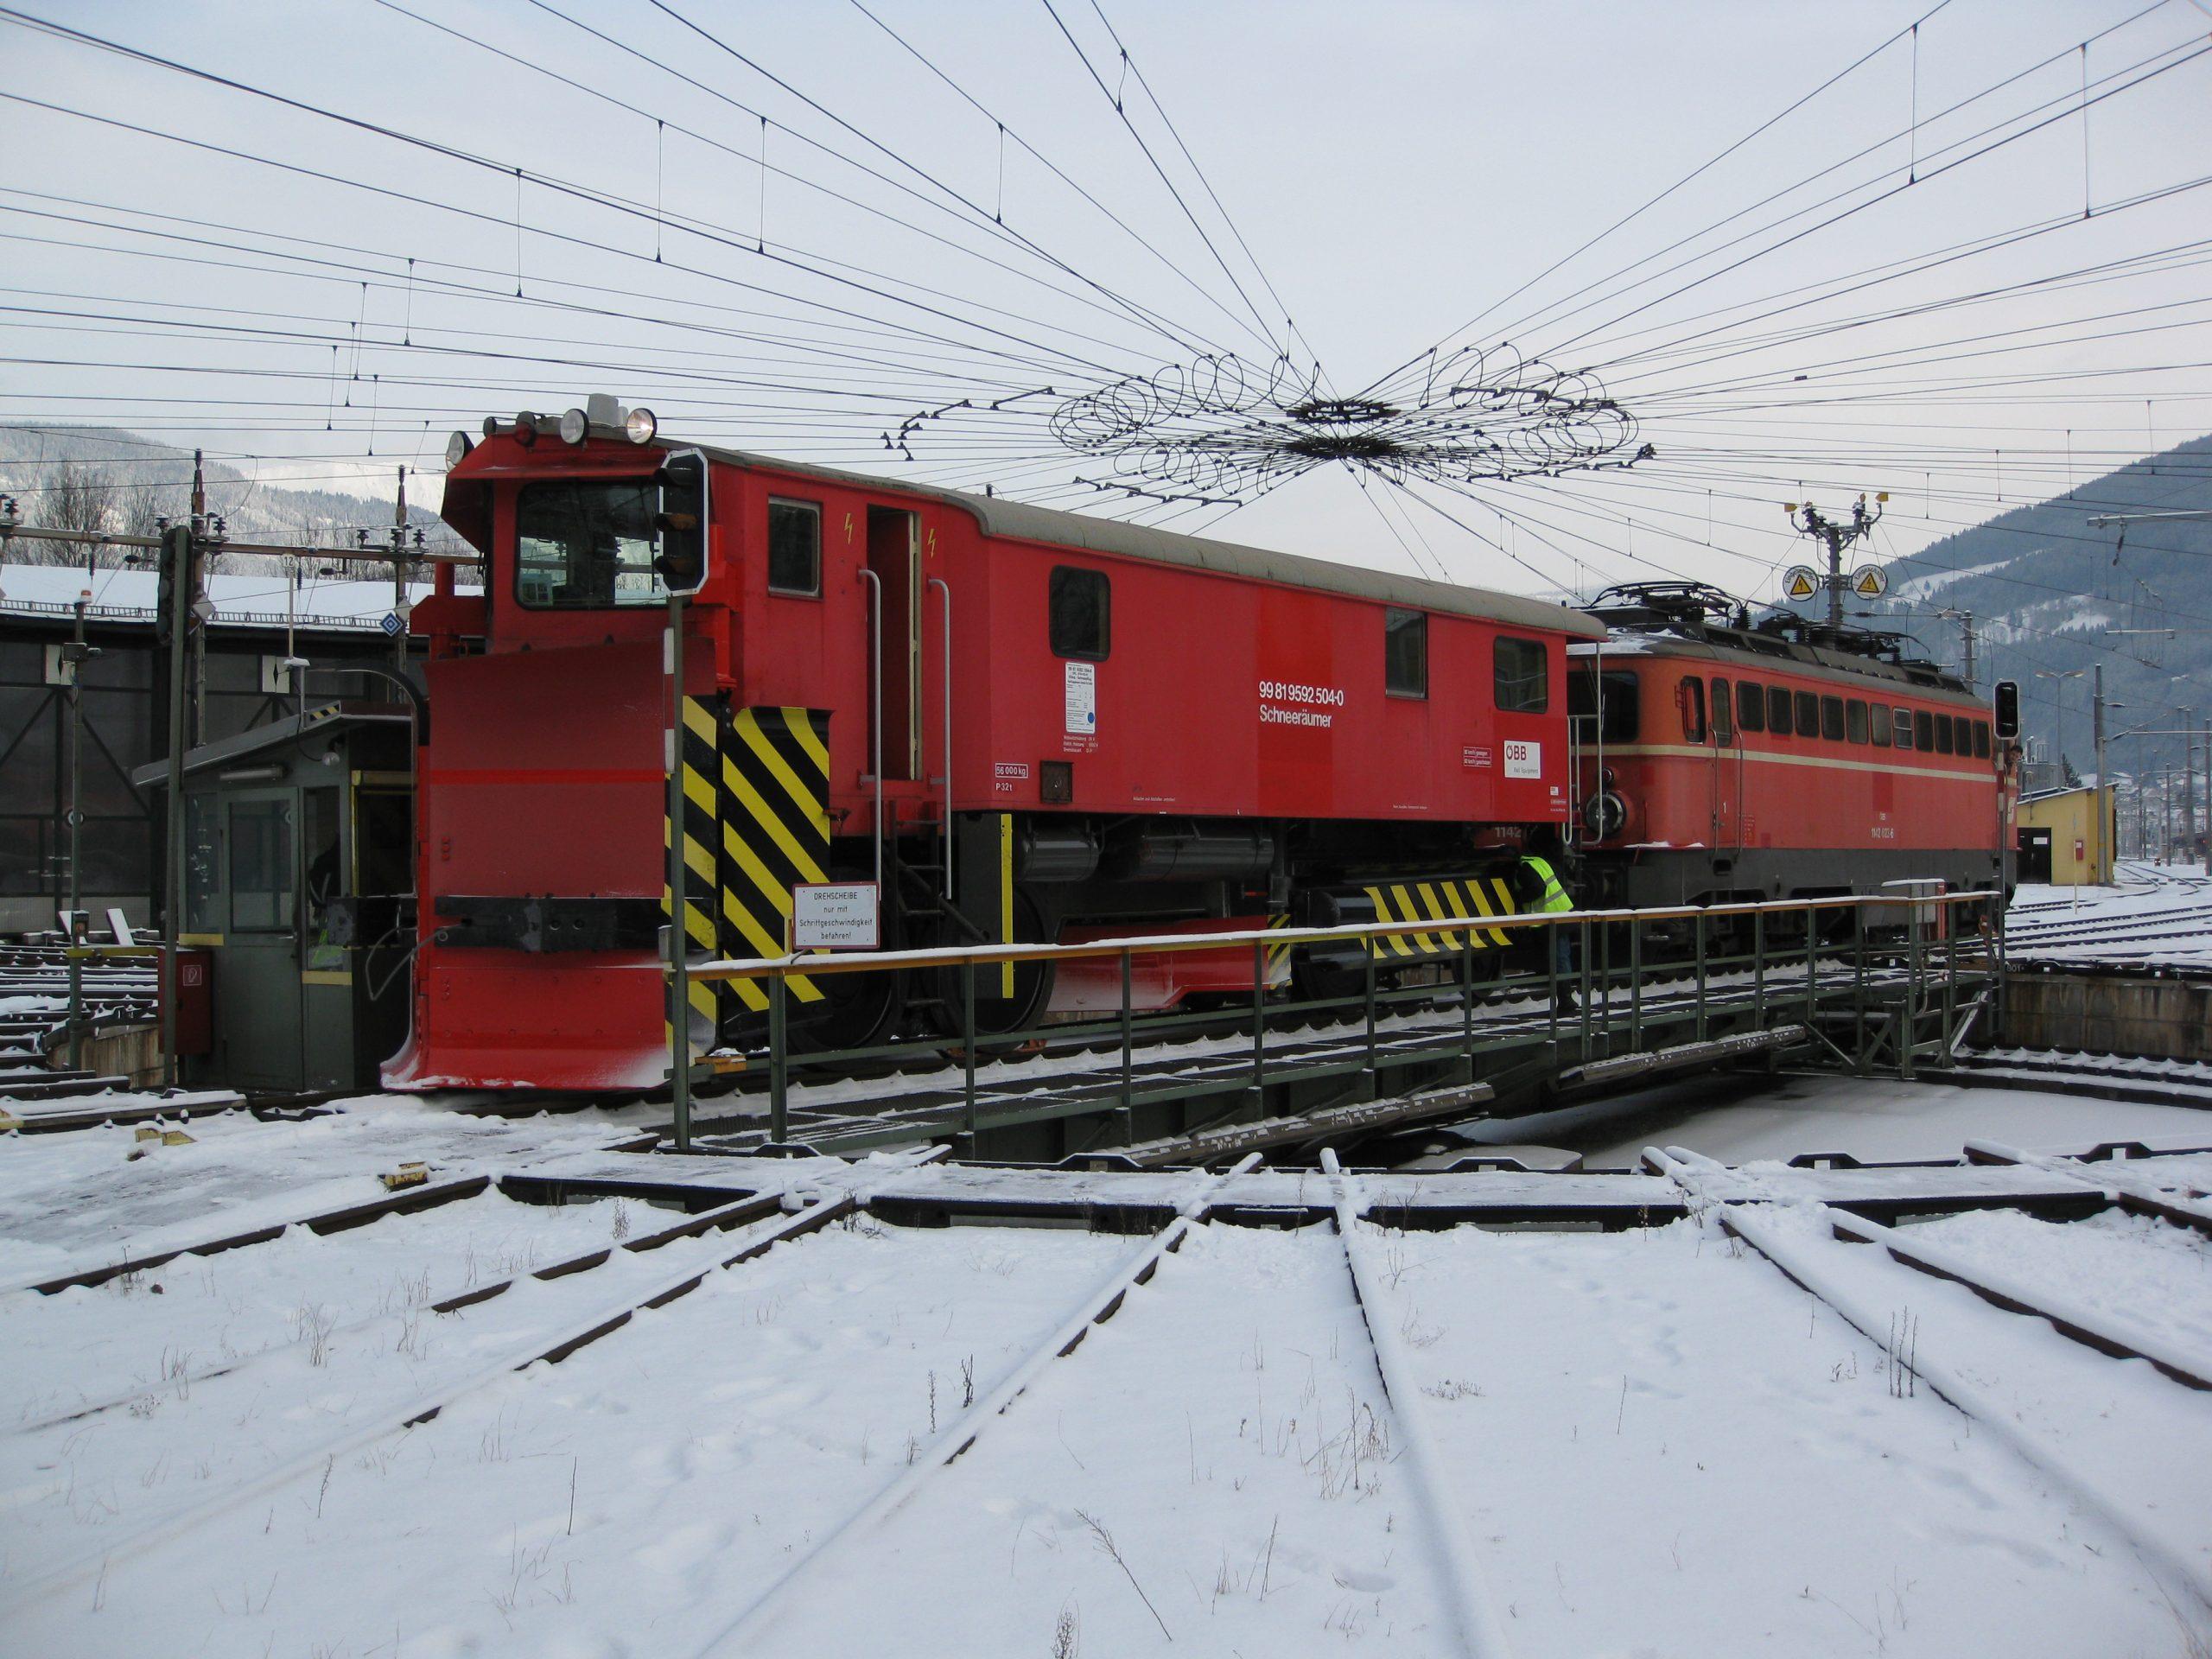 Der Klimaschneepflug der ÖBB_Schneeräumer 99 81 9592 504-0 mit der Schiebelok 1142.623-6 auf der Drehscheibe im Depot Selzthal anlässlich der Abnahmefahrt am 21. 12. 2012. Foto Roger Waller